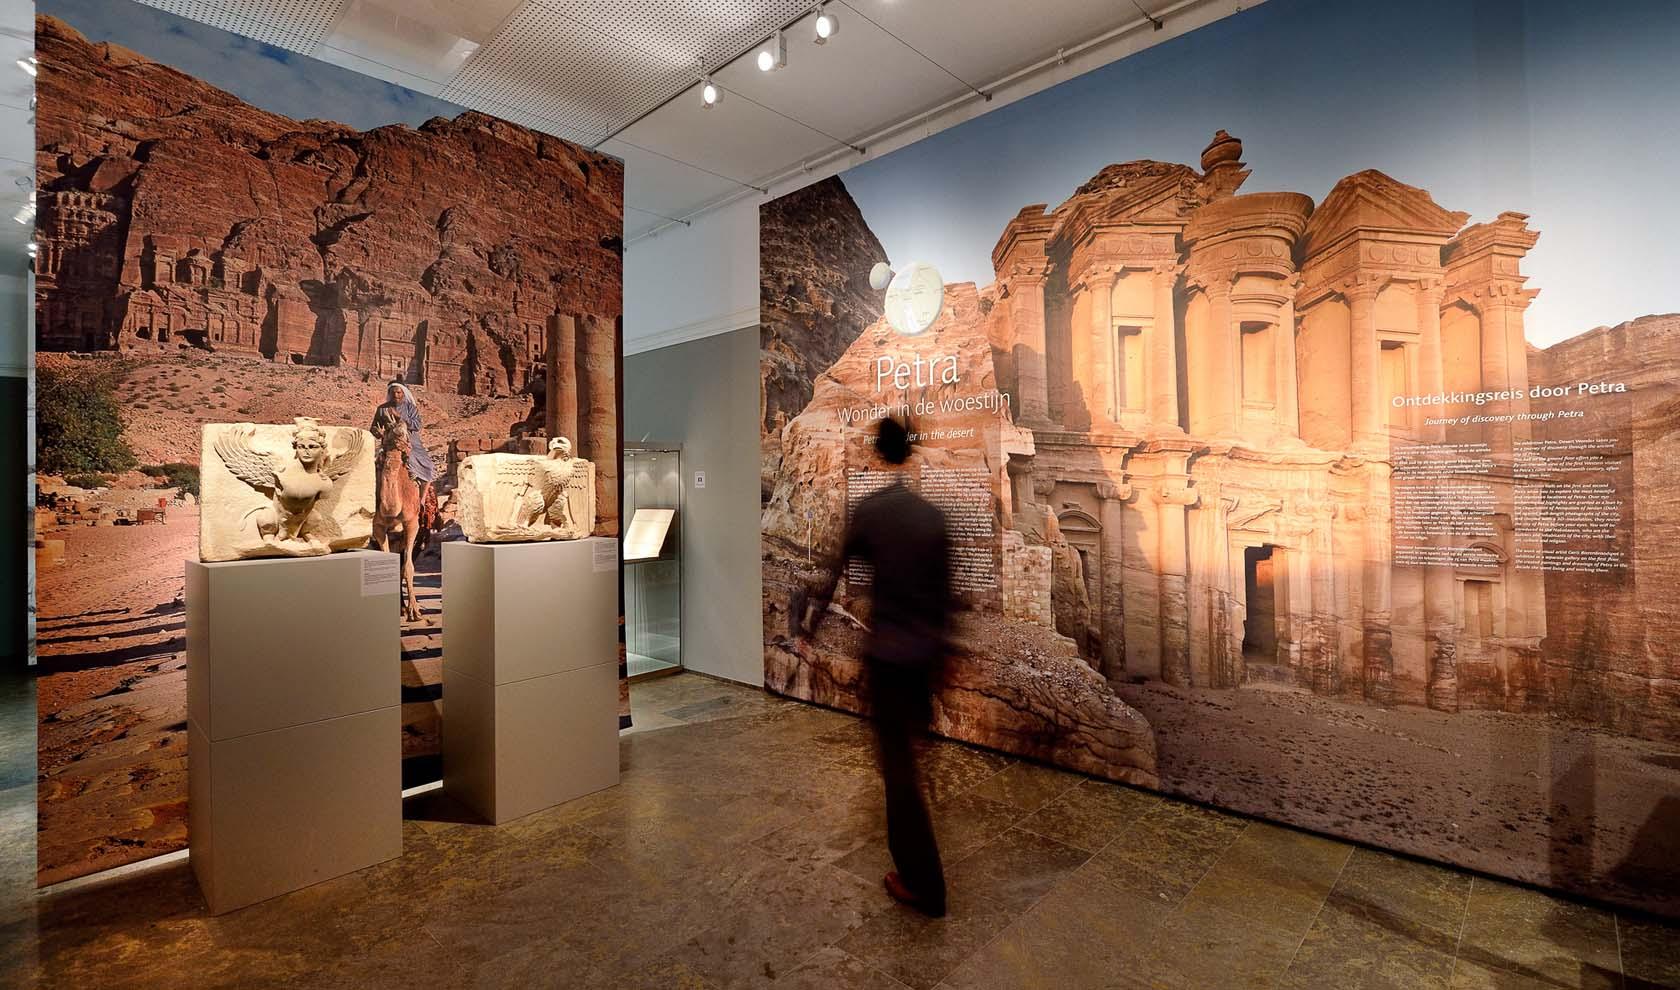 Petra-Rijksmuseum-van-Oudheden-Leiden-2014-Mike-Bink-11